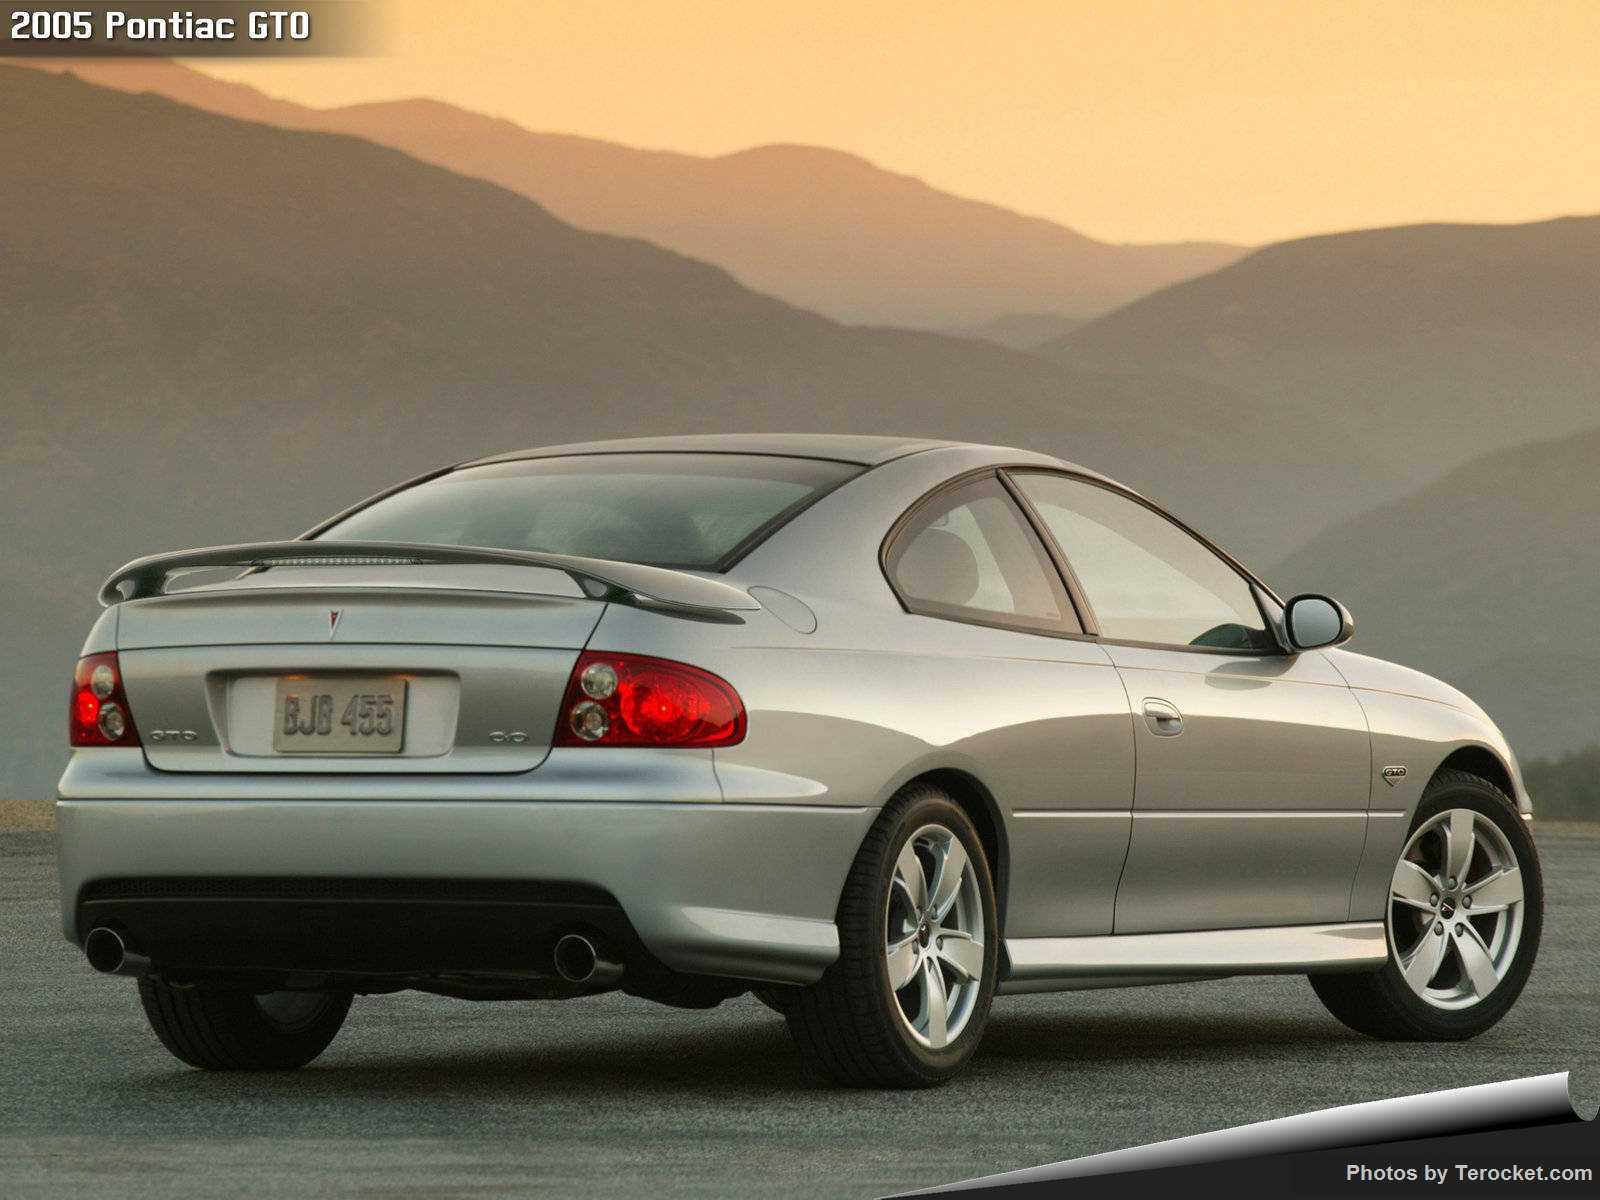 Hình ảnh xe ô tô Pontiac GTO 2005 & nội ngoại thất